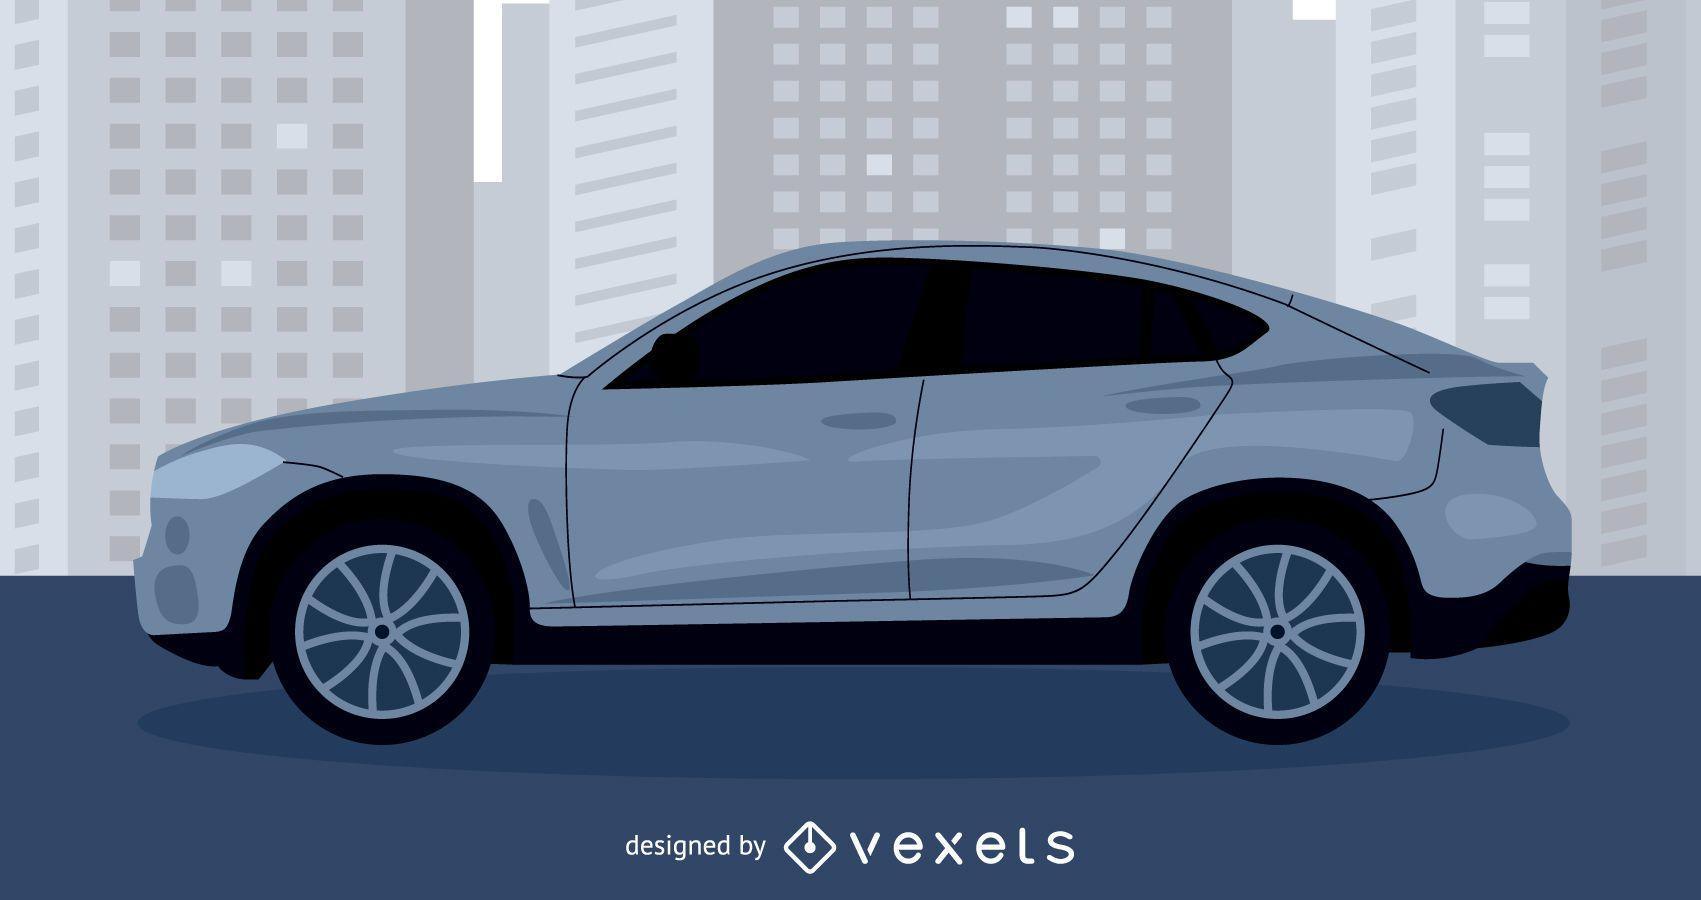 Honda Accord V6 car